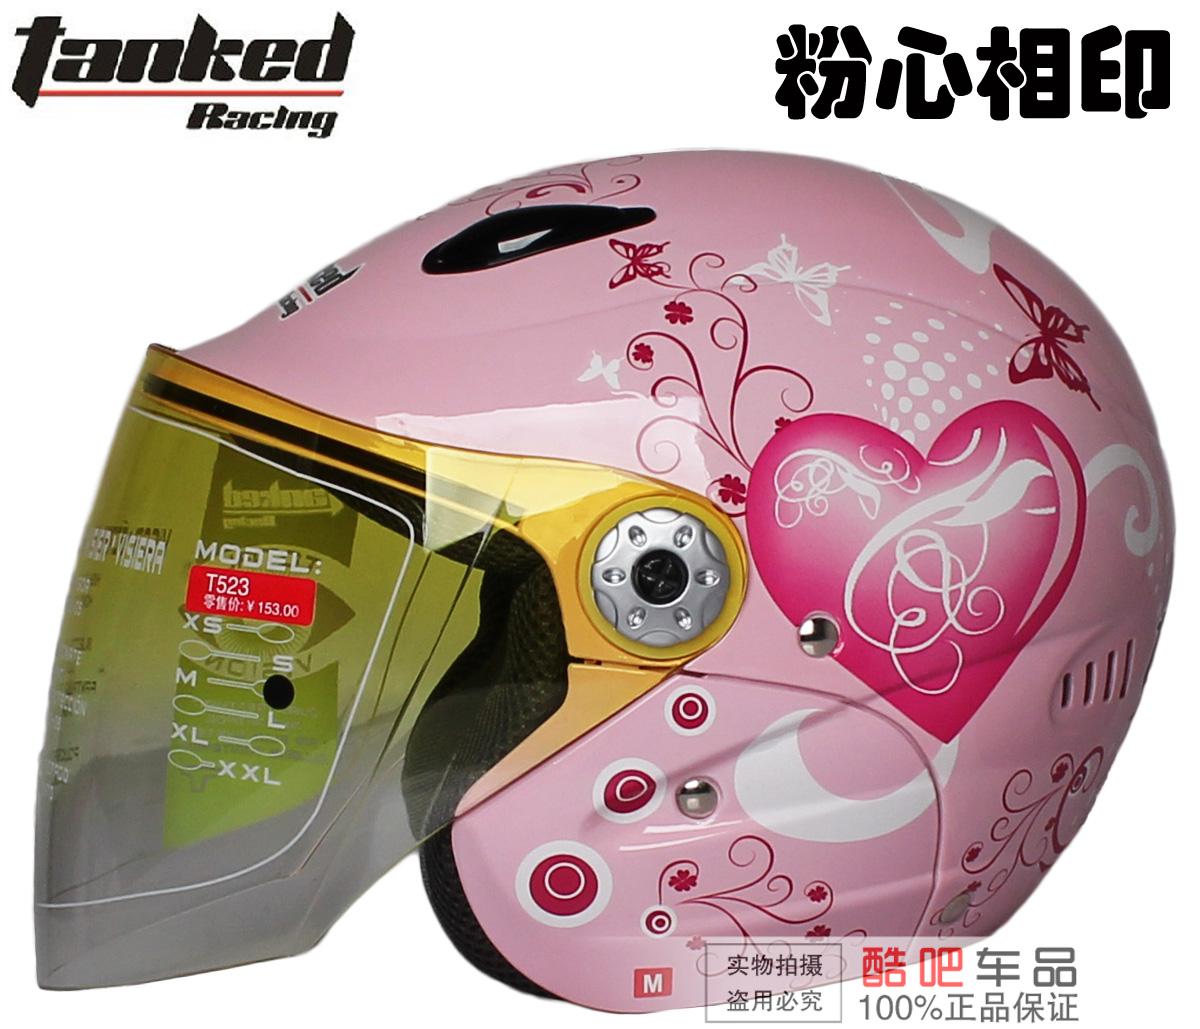 Цвет: Розовый сердца к сердцу